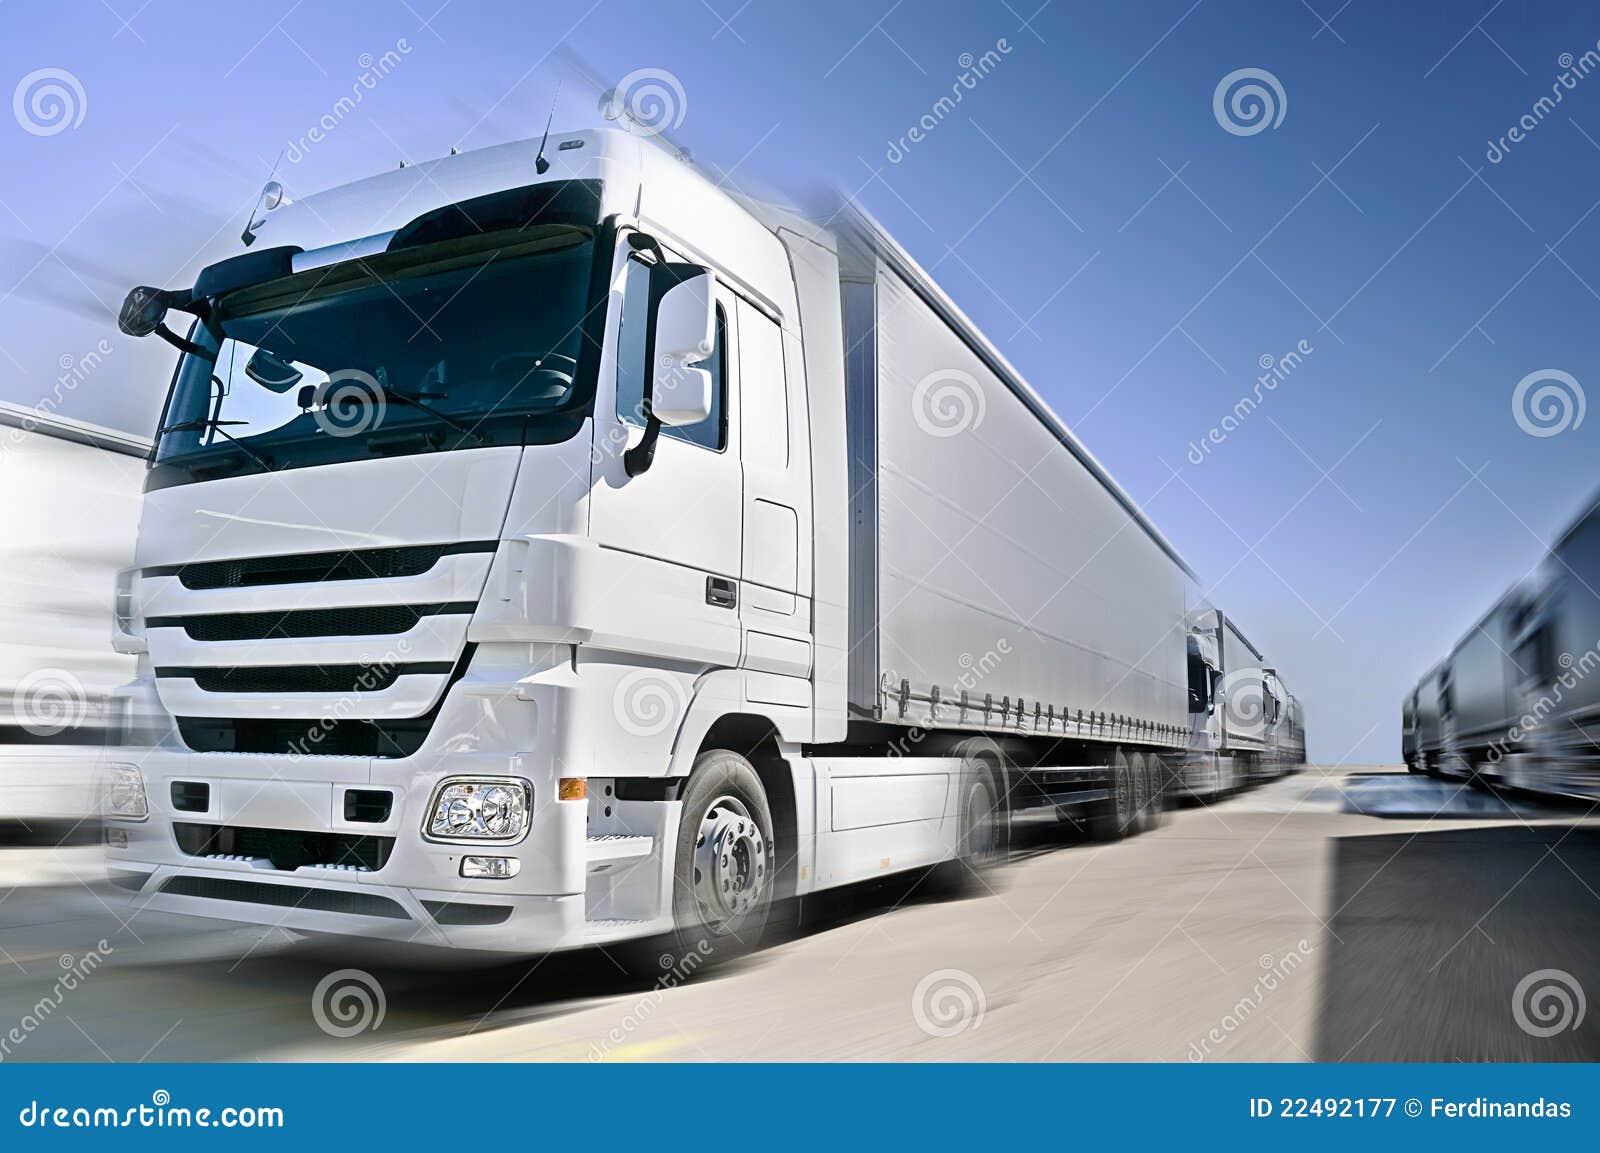 Camion européen moderne avec le convoi de semis-remorque en fonction